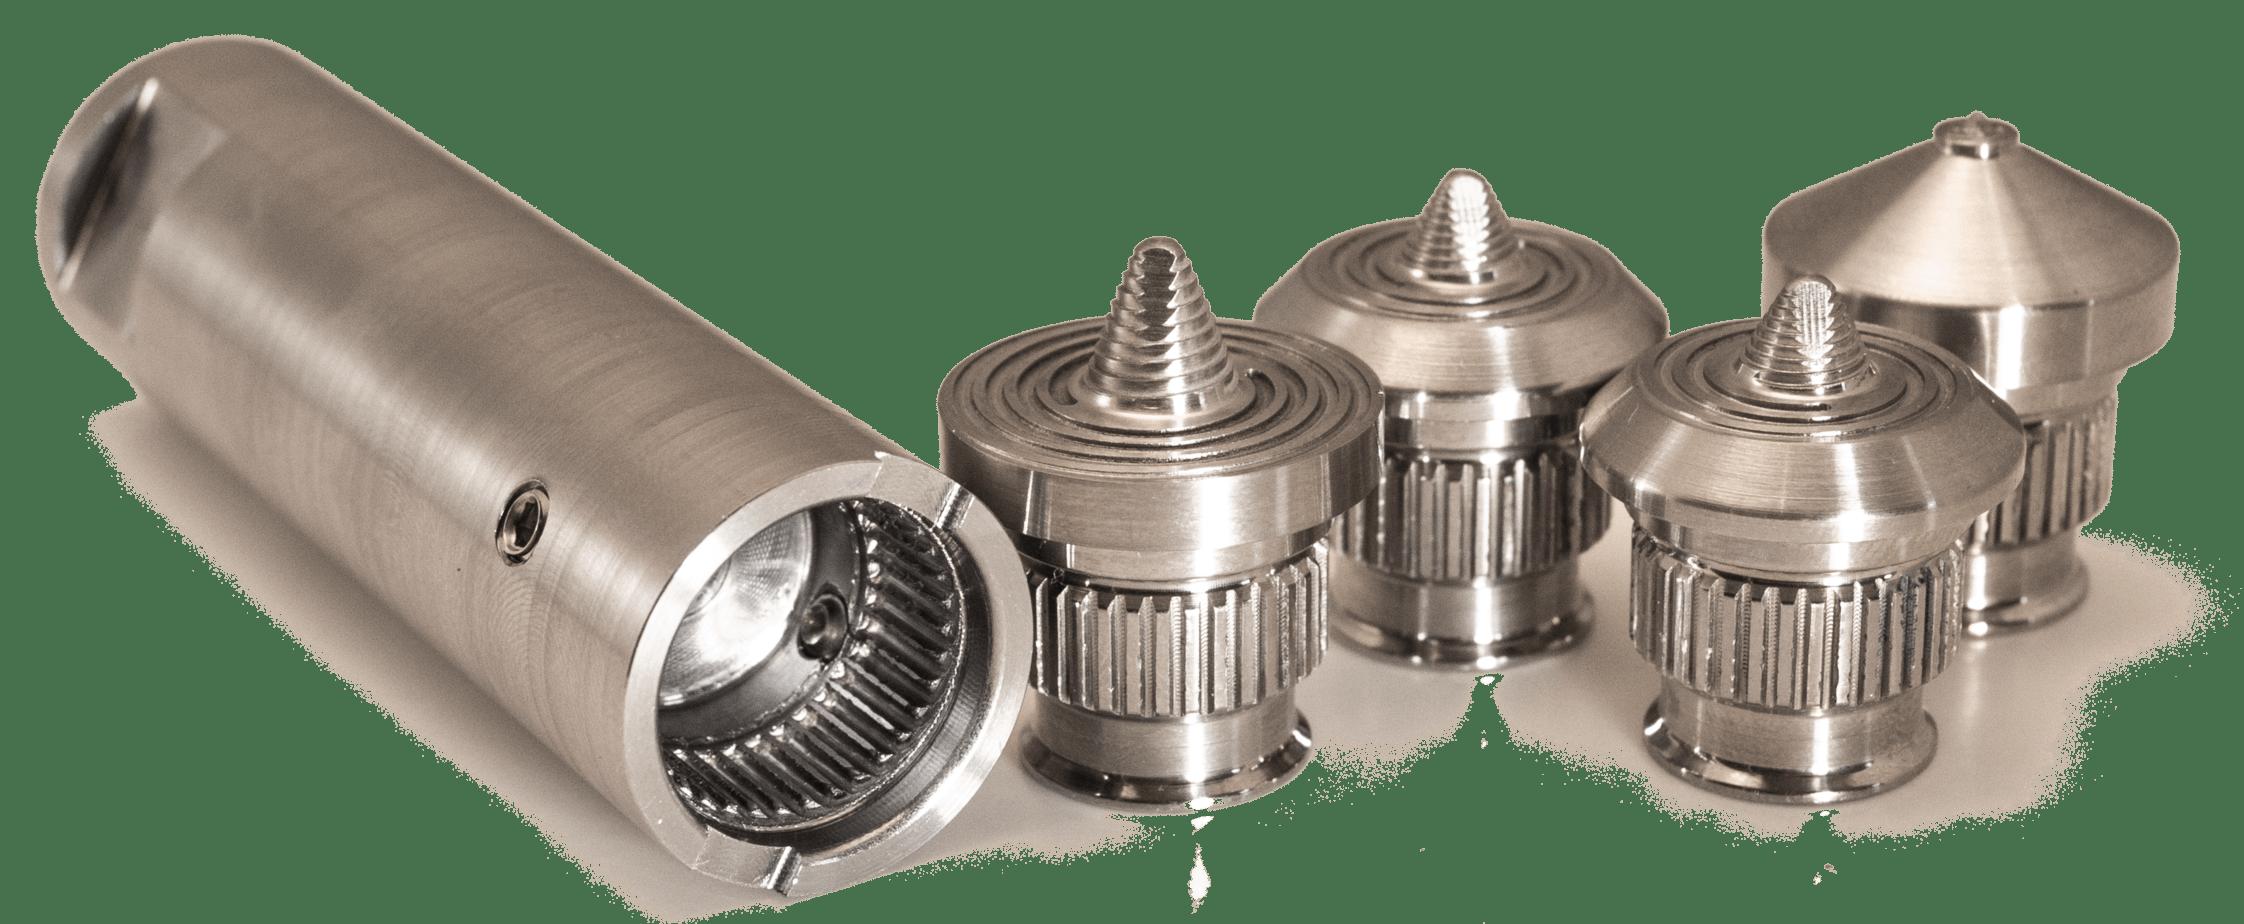 Tools & Tool Holders